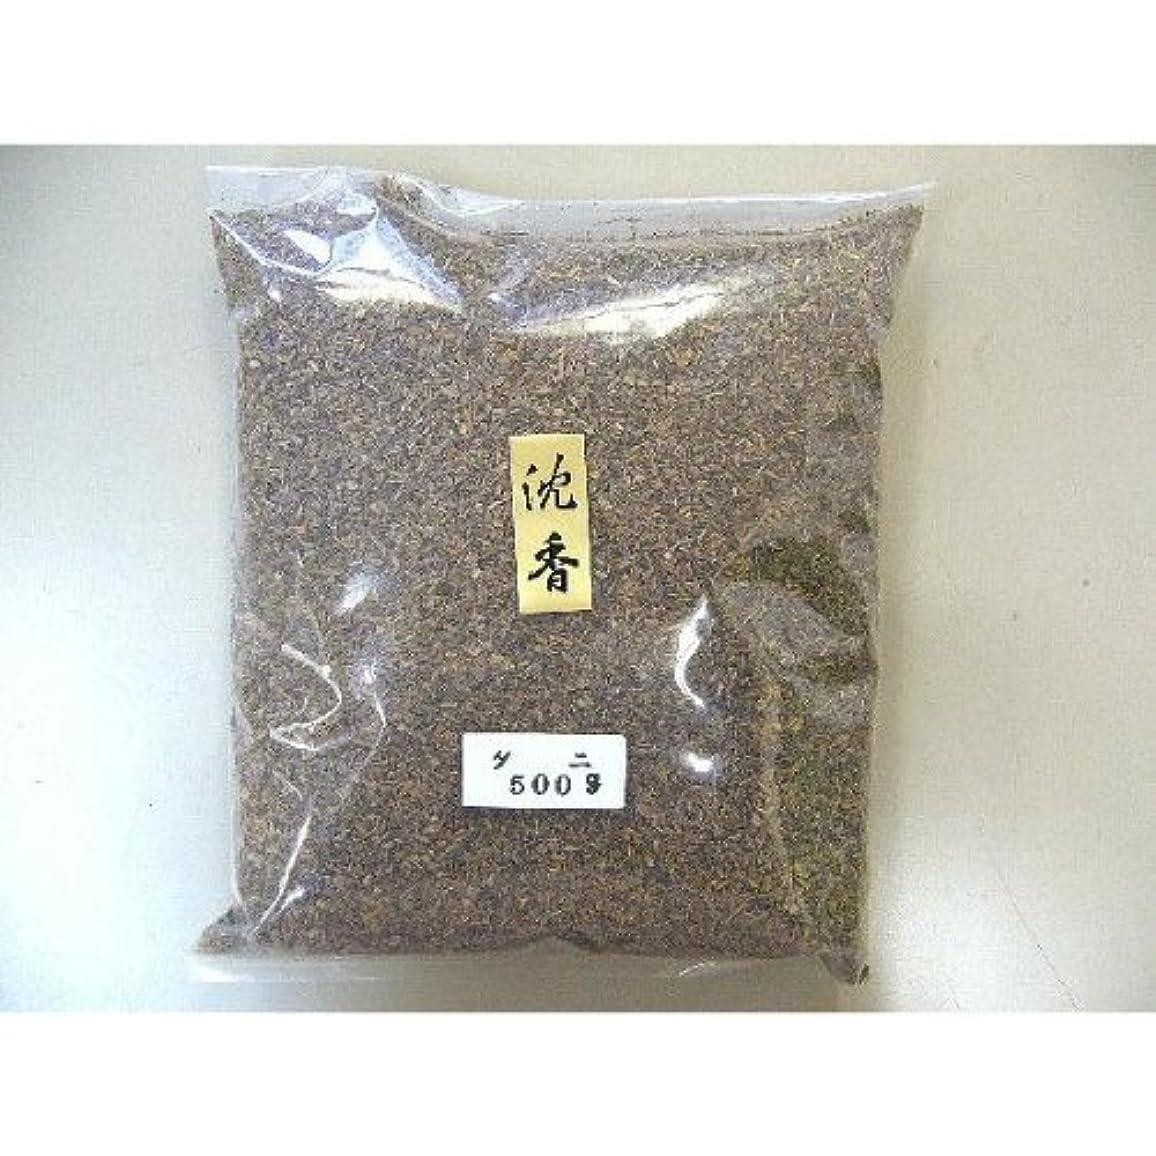 回復する慎重豊富なインドネシア産 タニ沈香(刻み)500gビニ-ル袋入